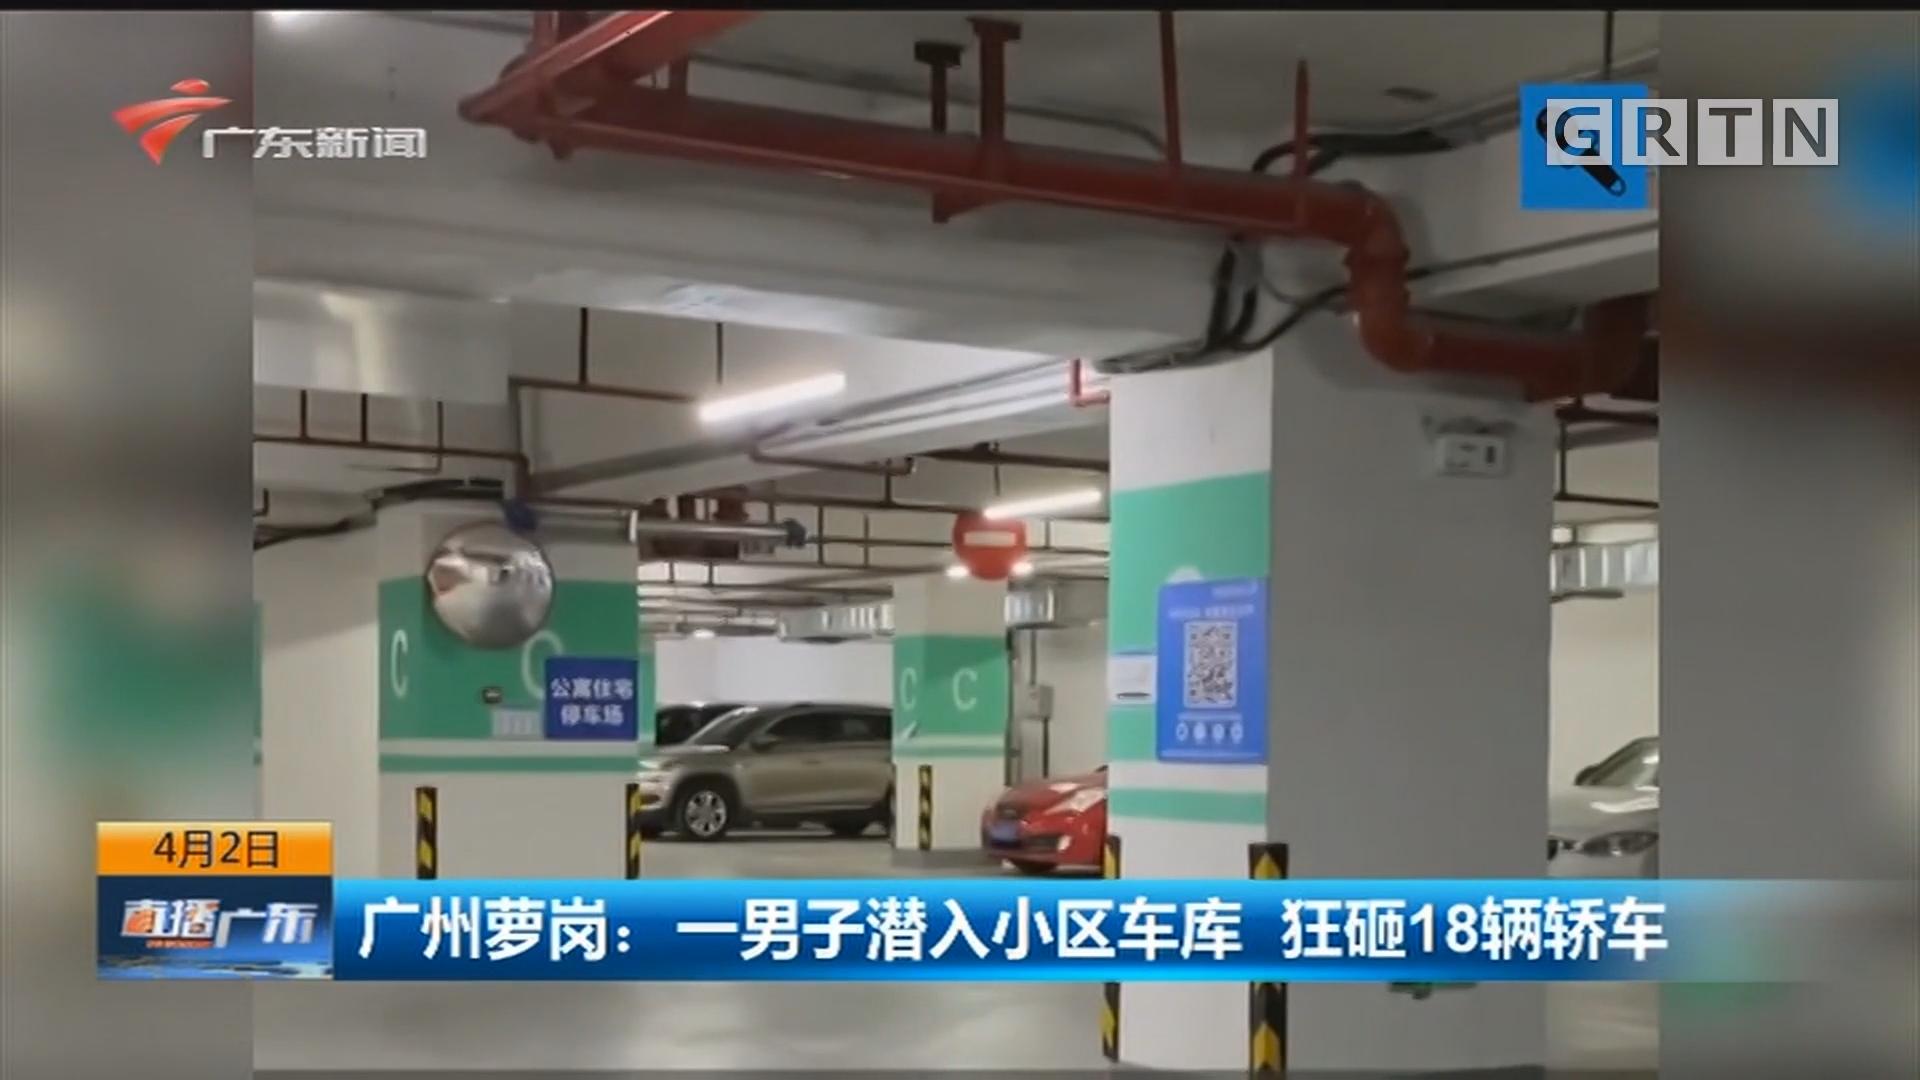 广州萝岗:一男子潜入小区车库 狂砸18辆轿车